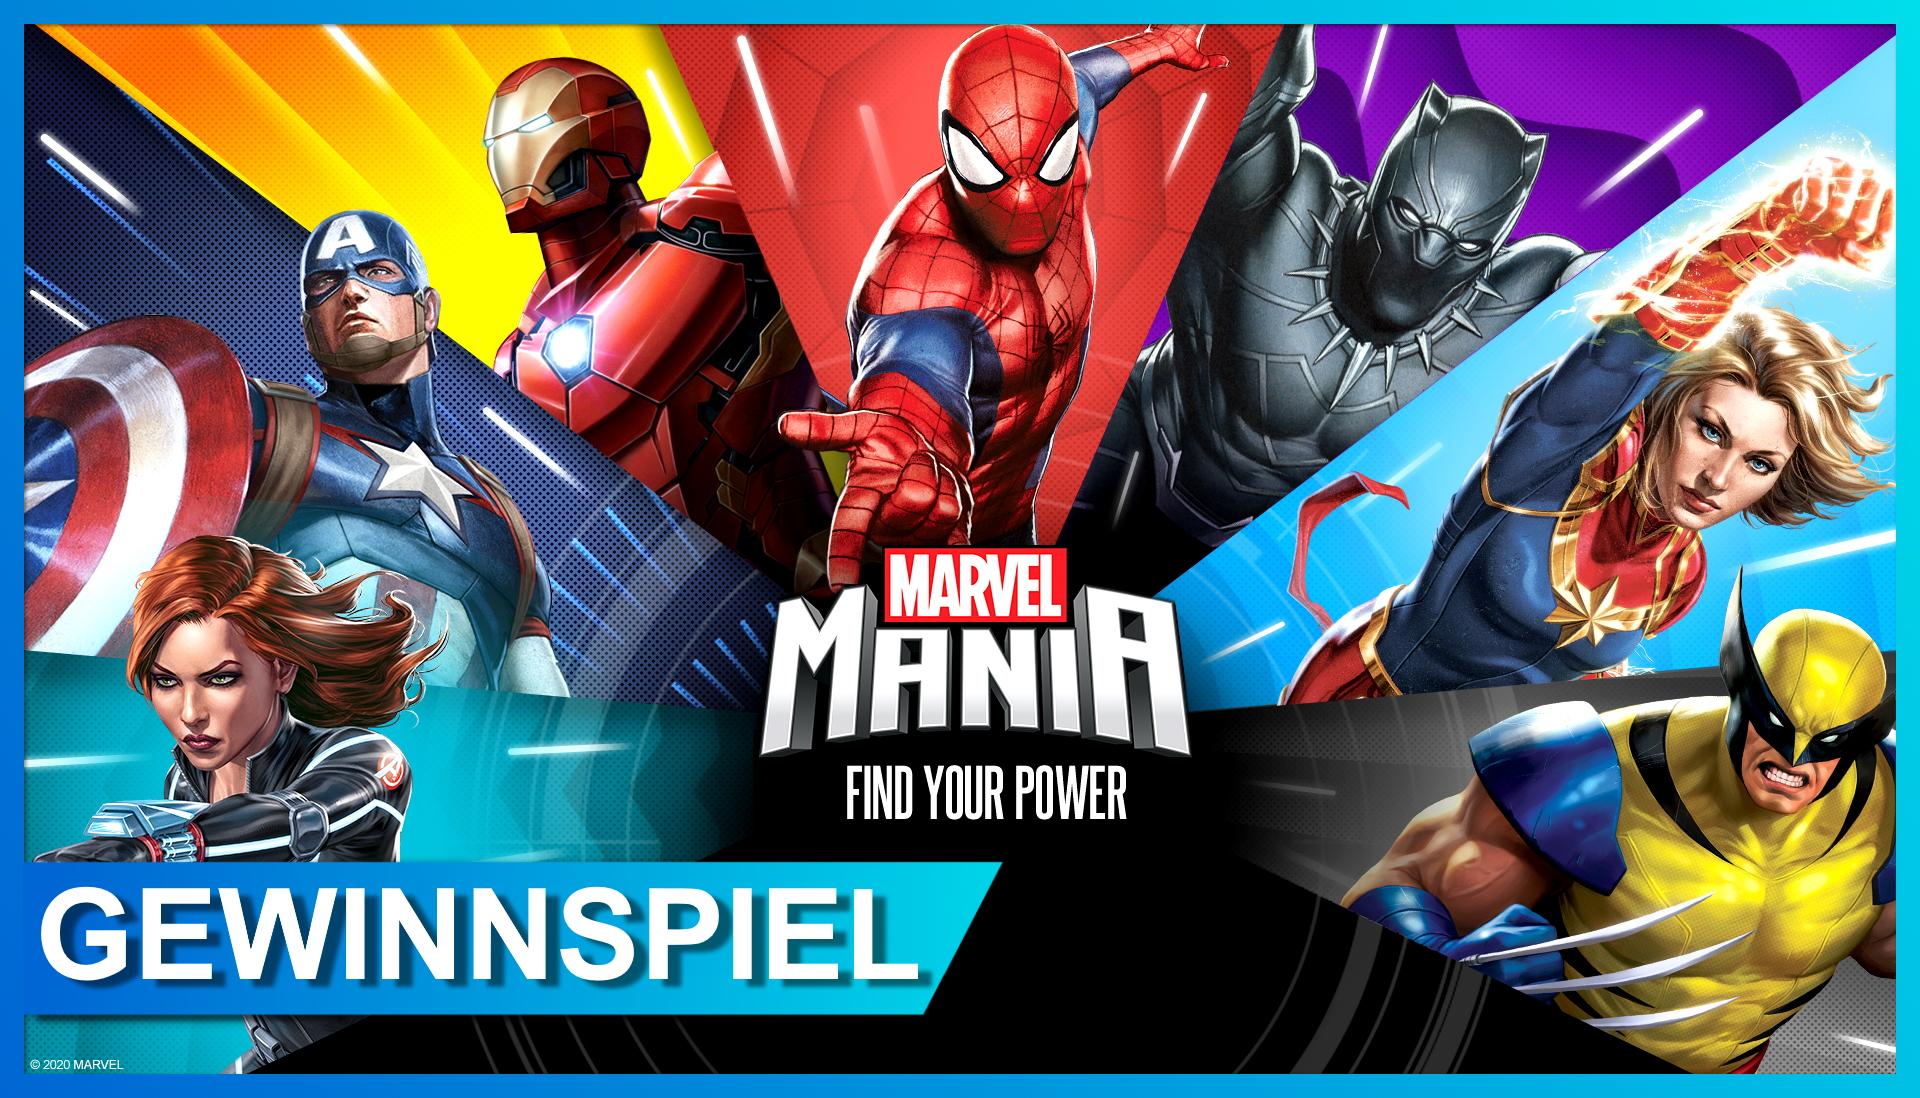 MARVEL MANIA Gewinnspiel – Neues für große und kleine Superhelden